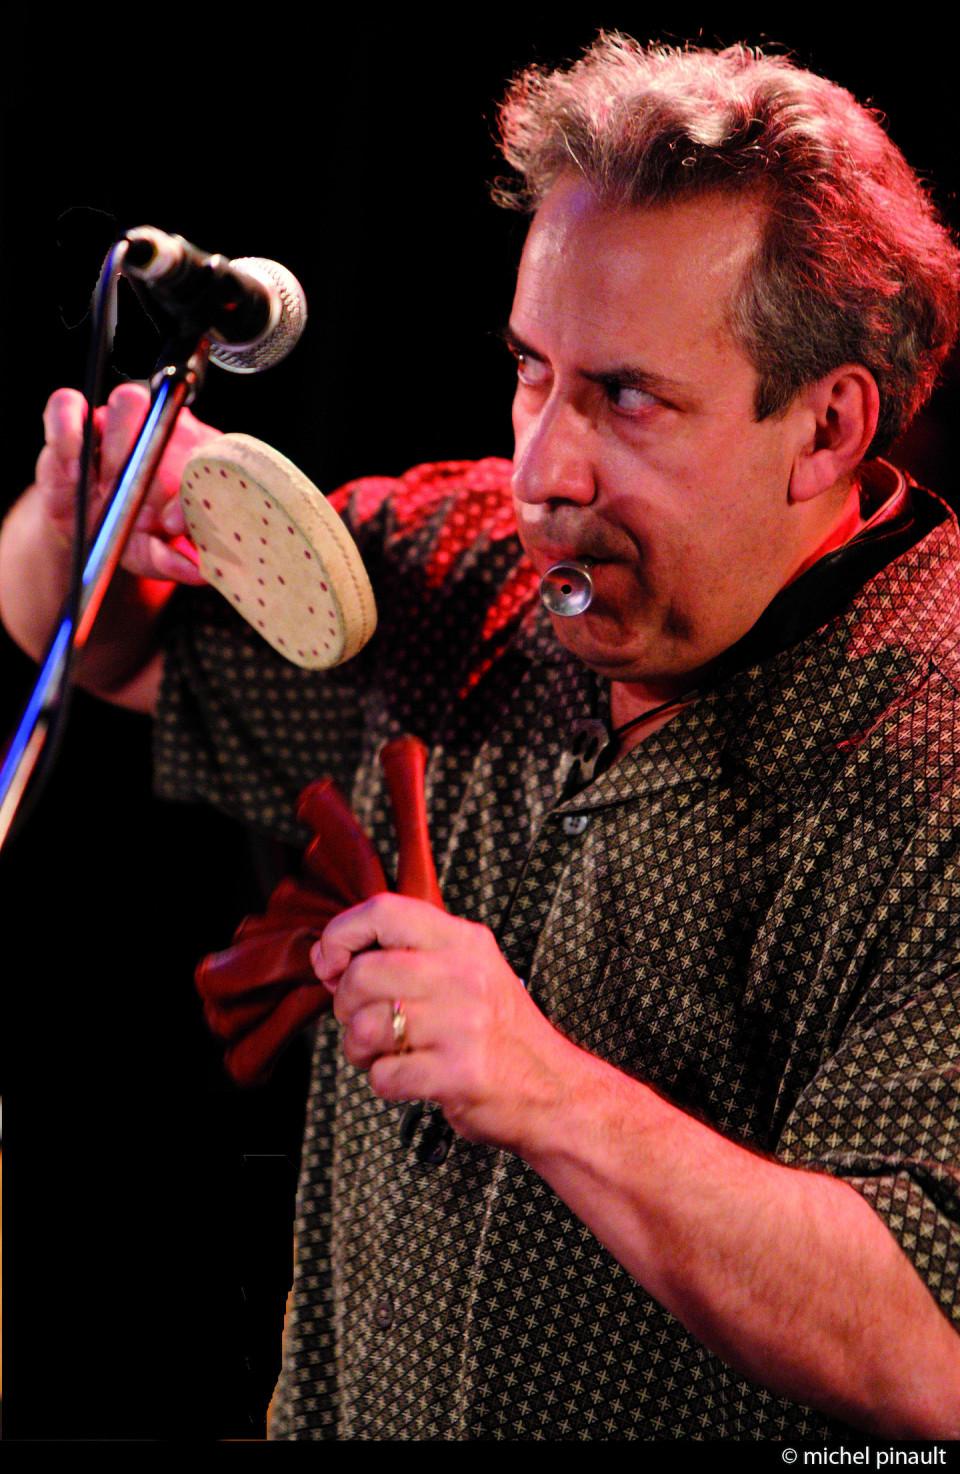 Jean Derome / Concert, Lion d'Or, Montréal (Québec) [Photograph: Michel Pinault, Montréal (Québec), October 8, 2011]